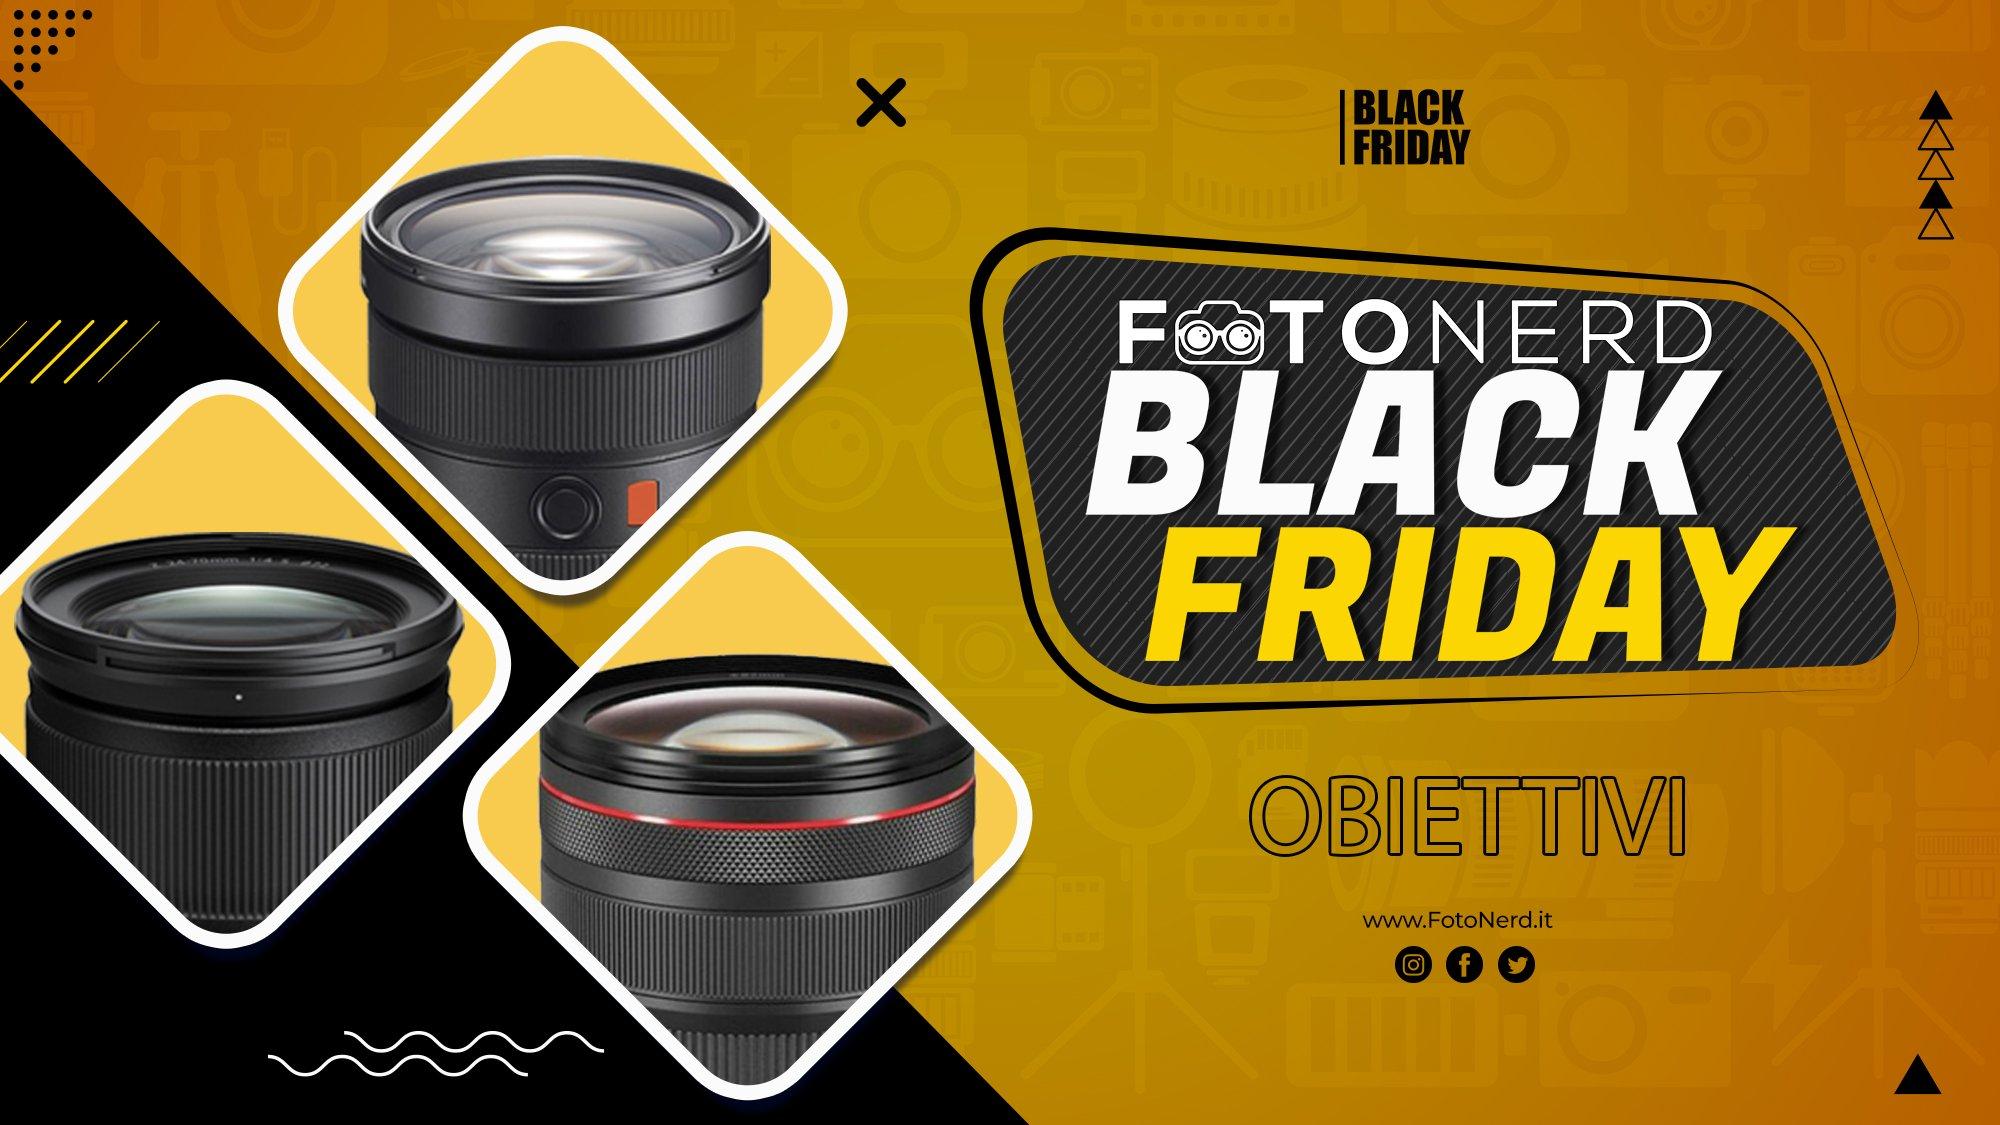 Black Friday 2020: ecco tutti gli sconti sugli obiettivi fotografici! | AGGIORNATO